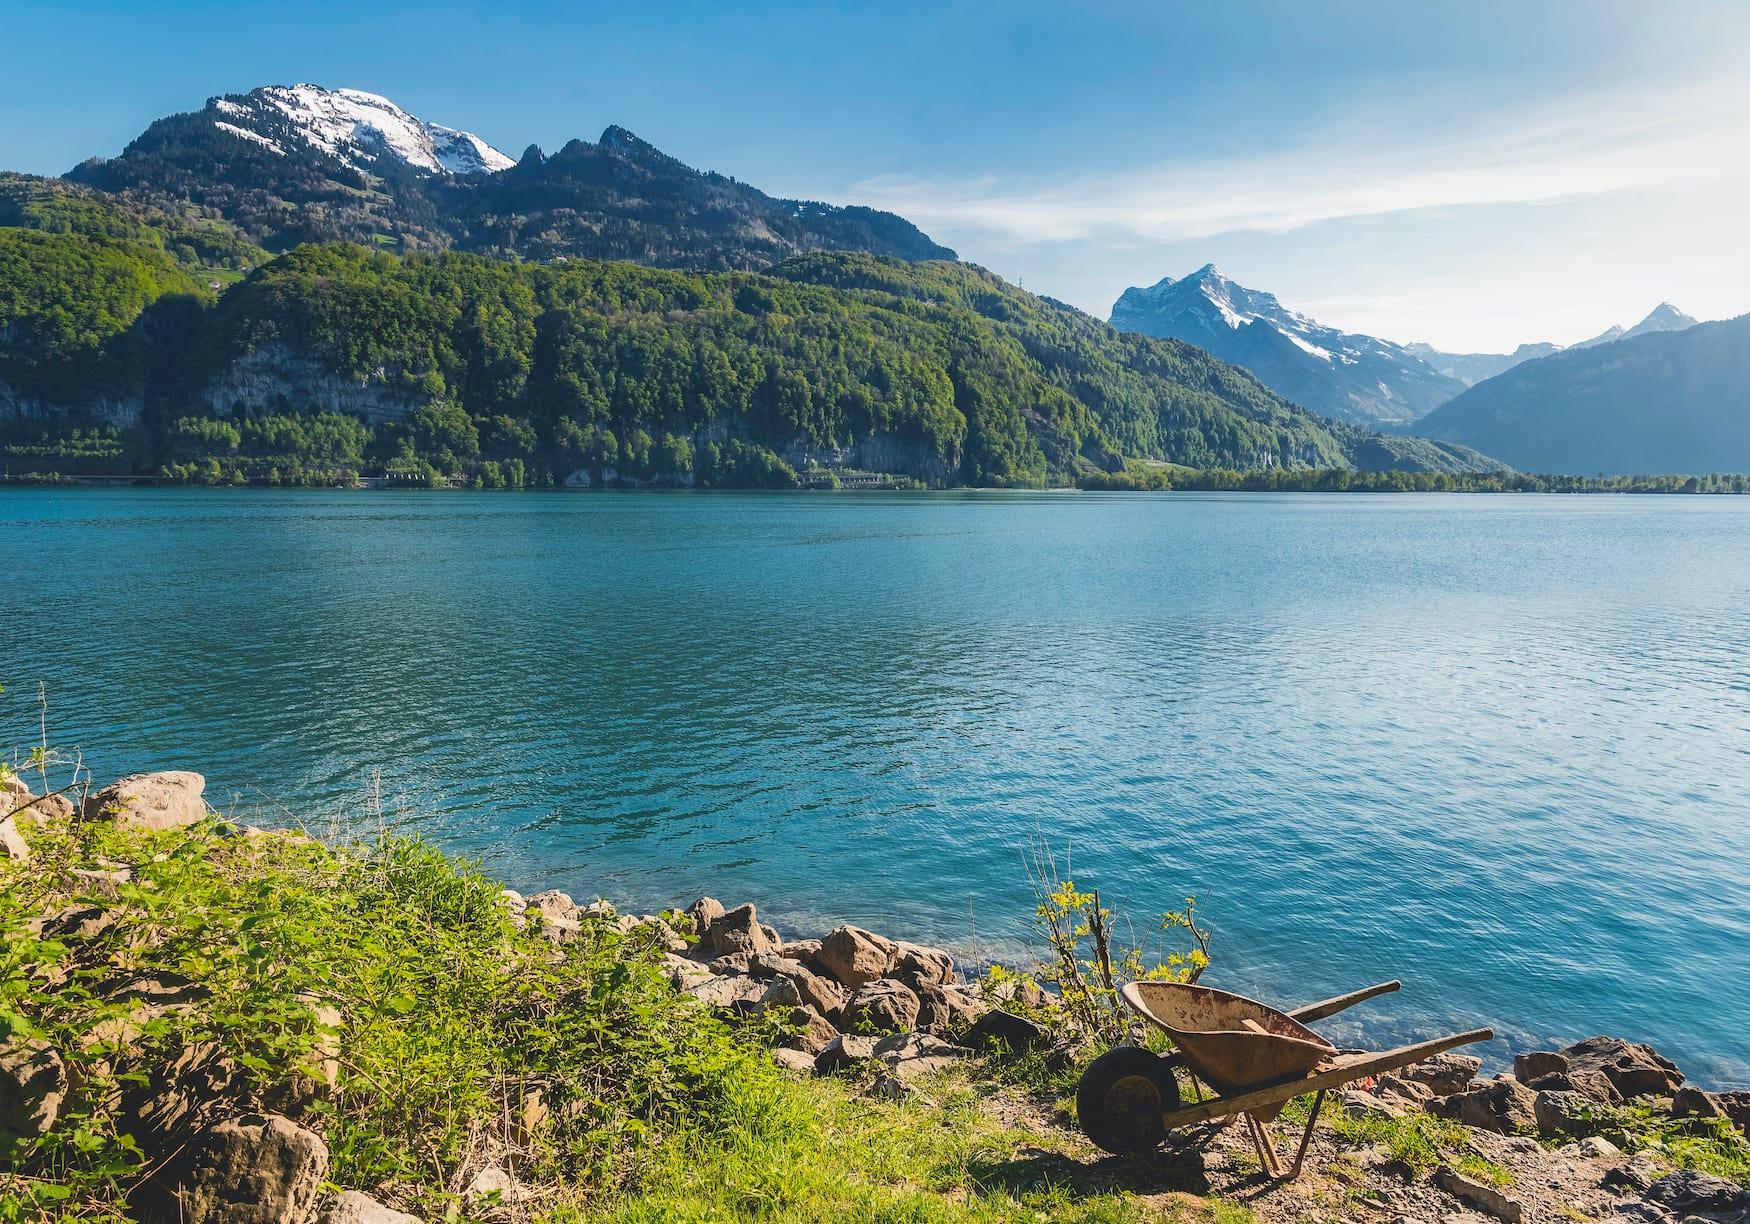 Sonniger Sommertag am Walensee vor der Kulisse der Schweizer Alpen